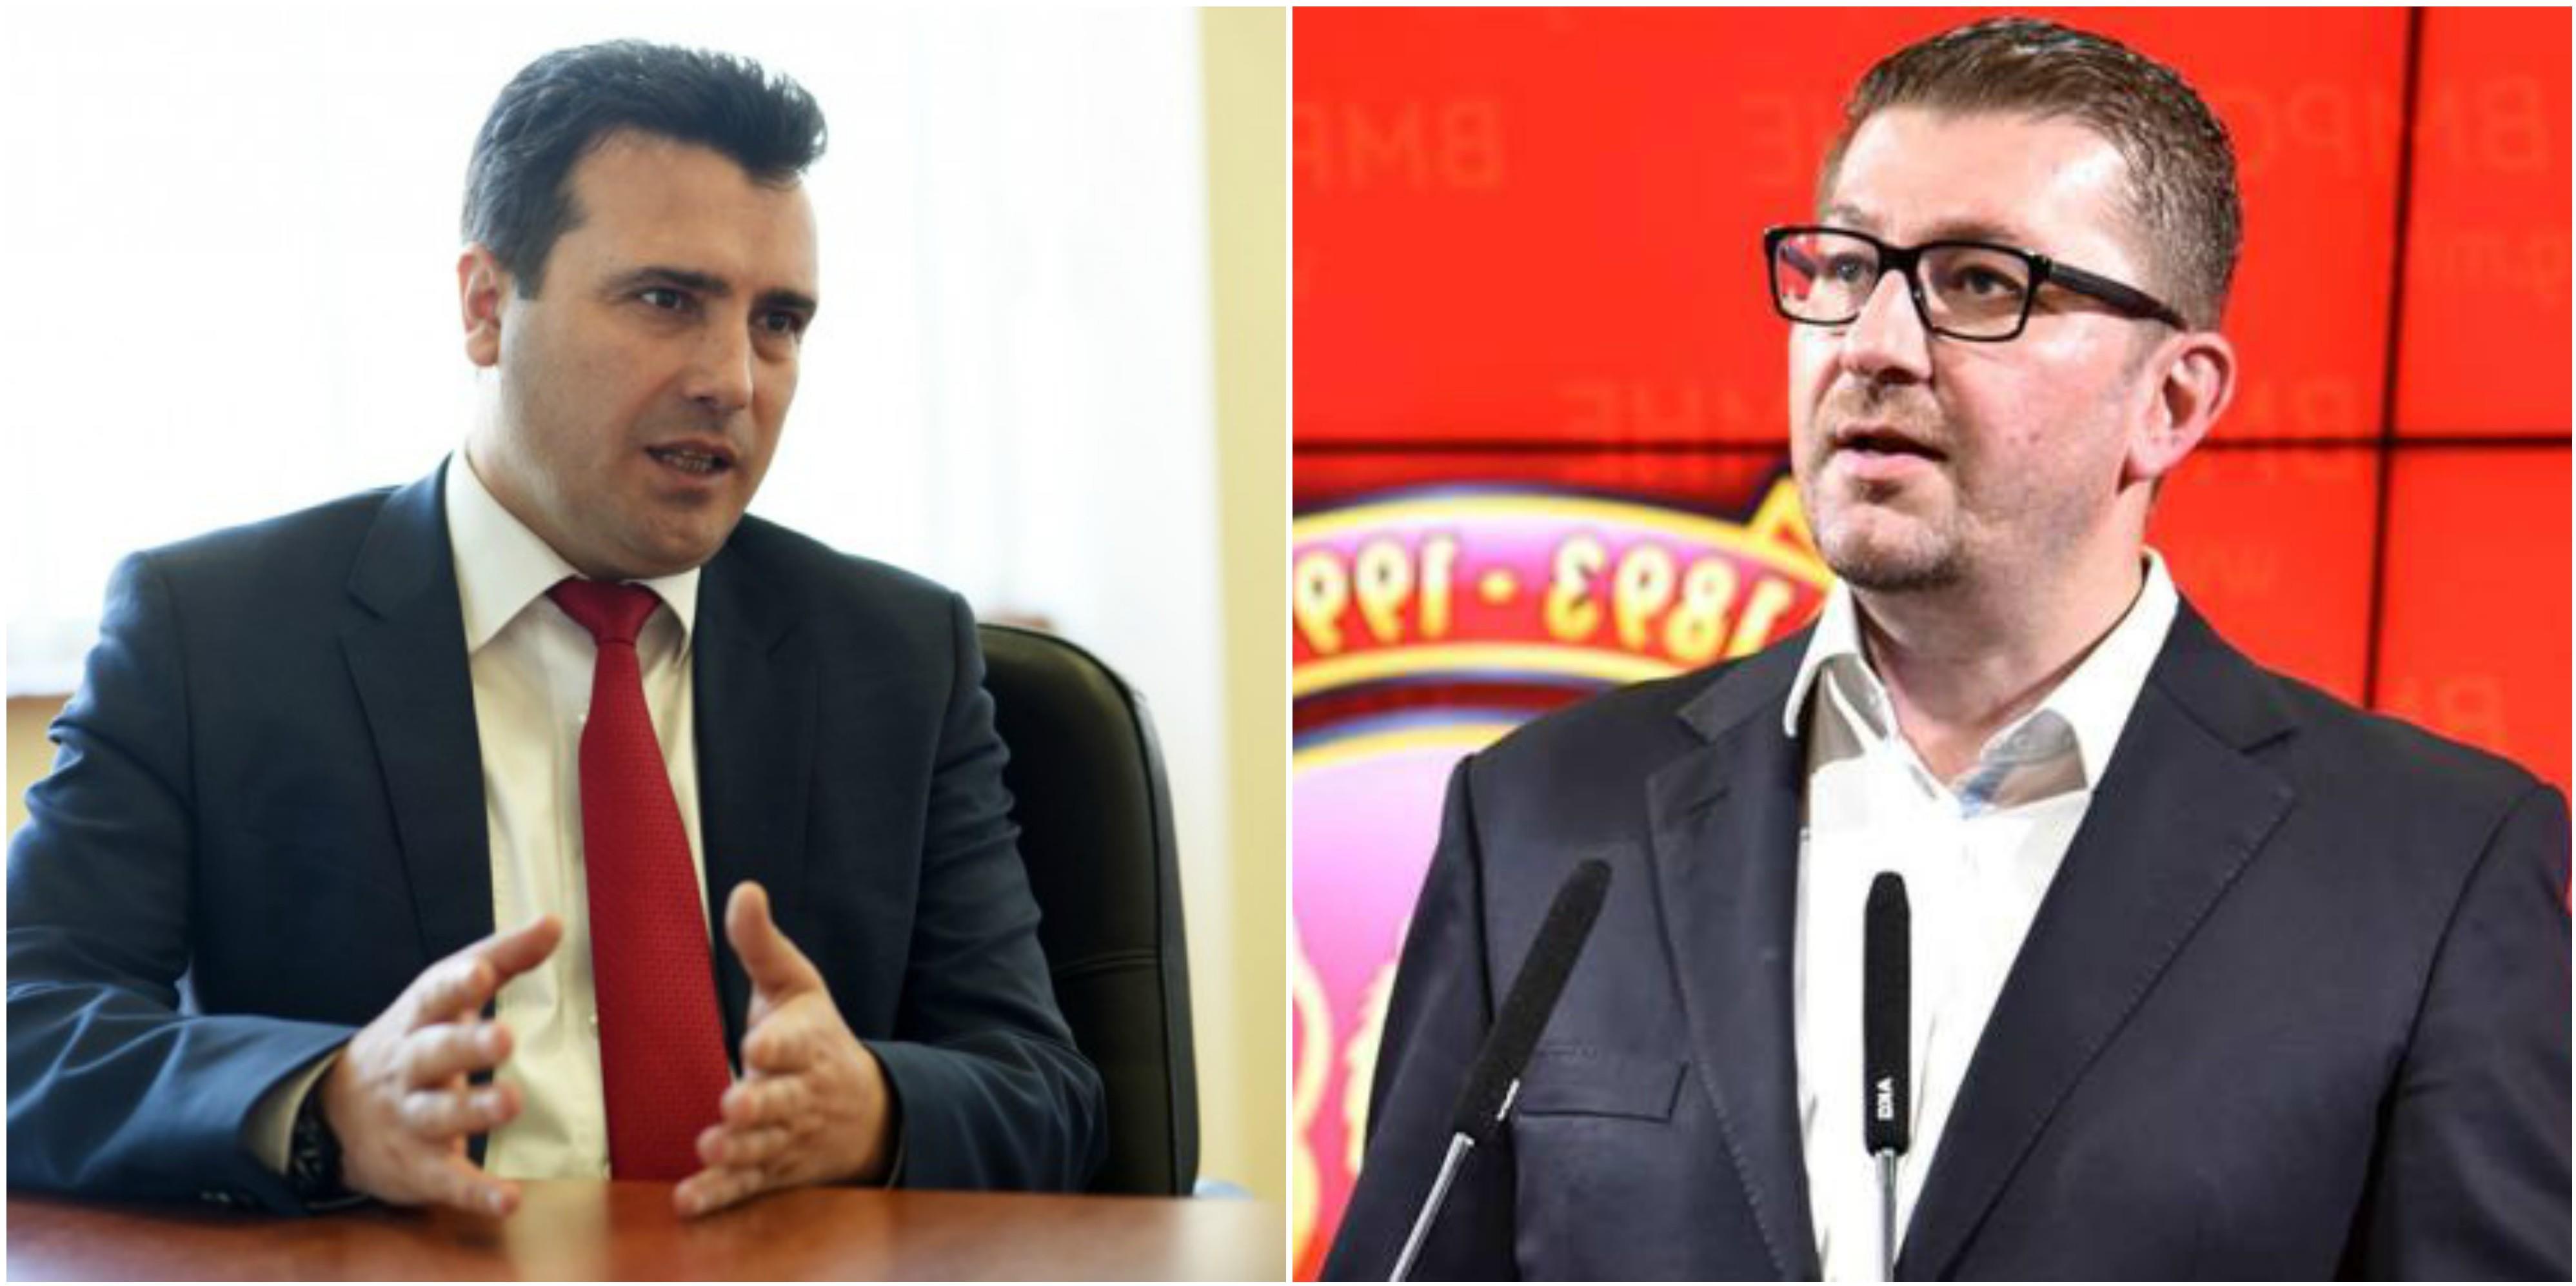 Prevremeni izbori u Severnoj Makedoniji, opozicija nudi dva datuma